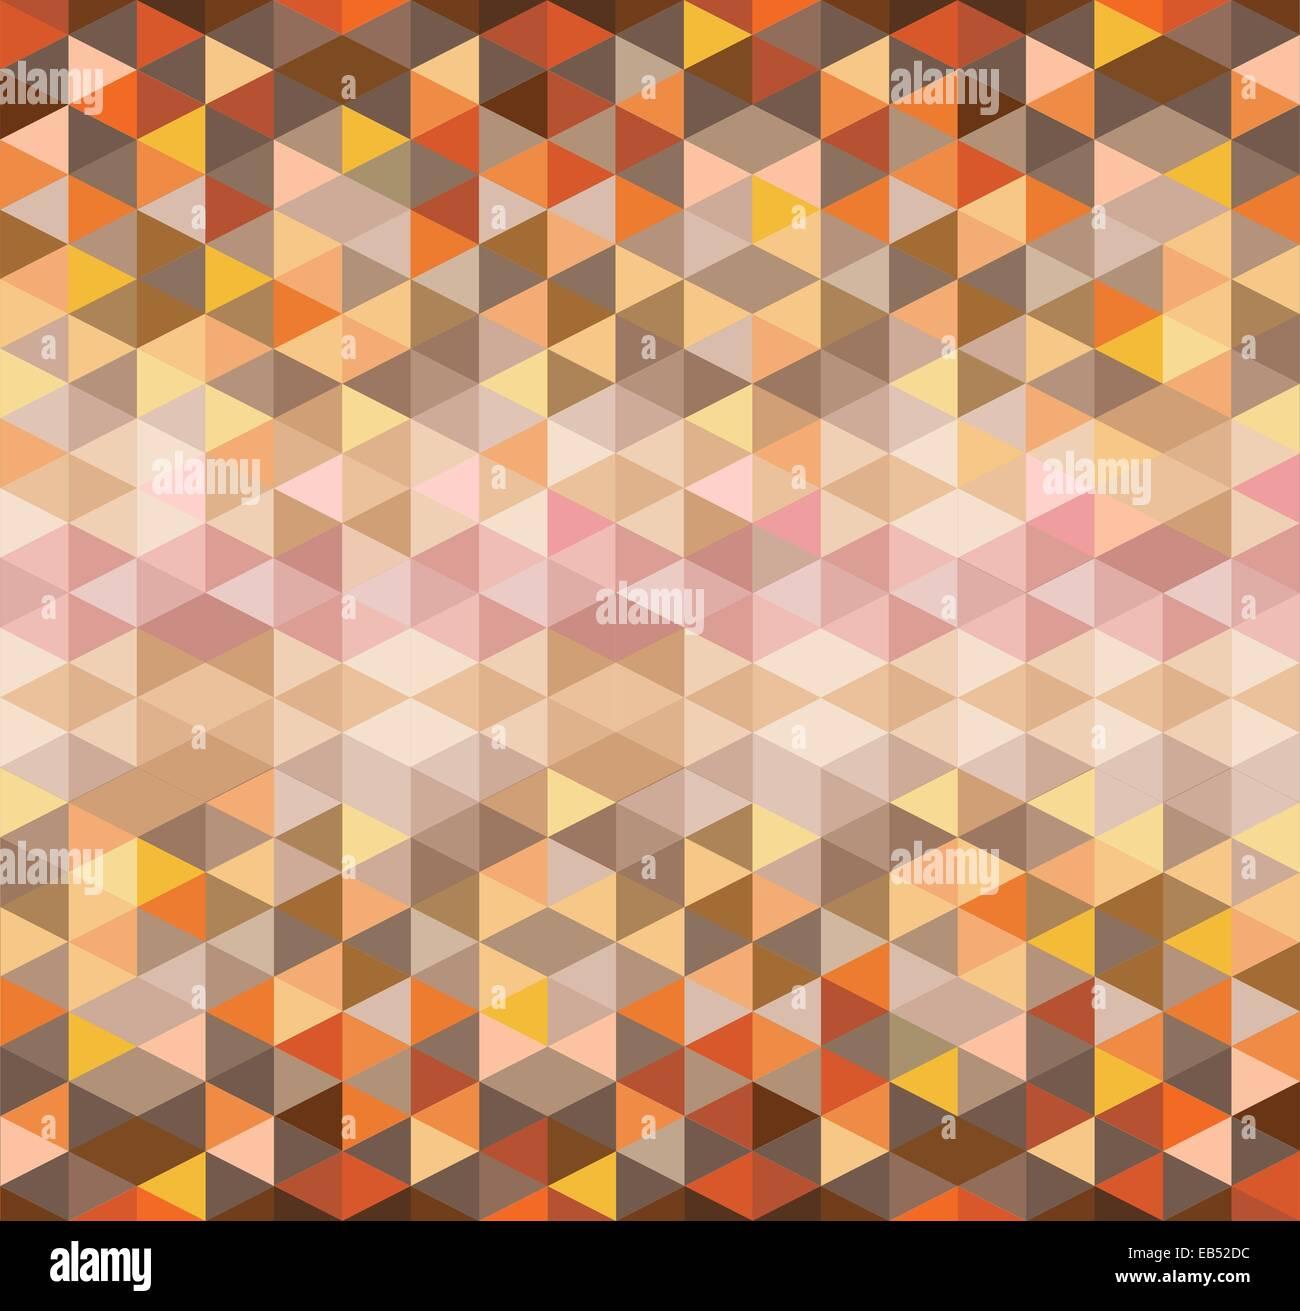 Arancione e marrone modello triangolo Immagini Stock